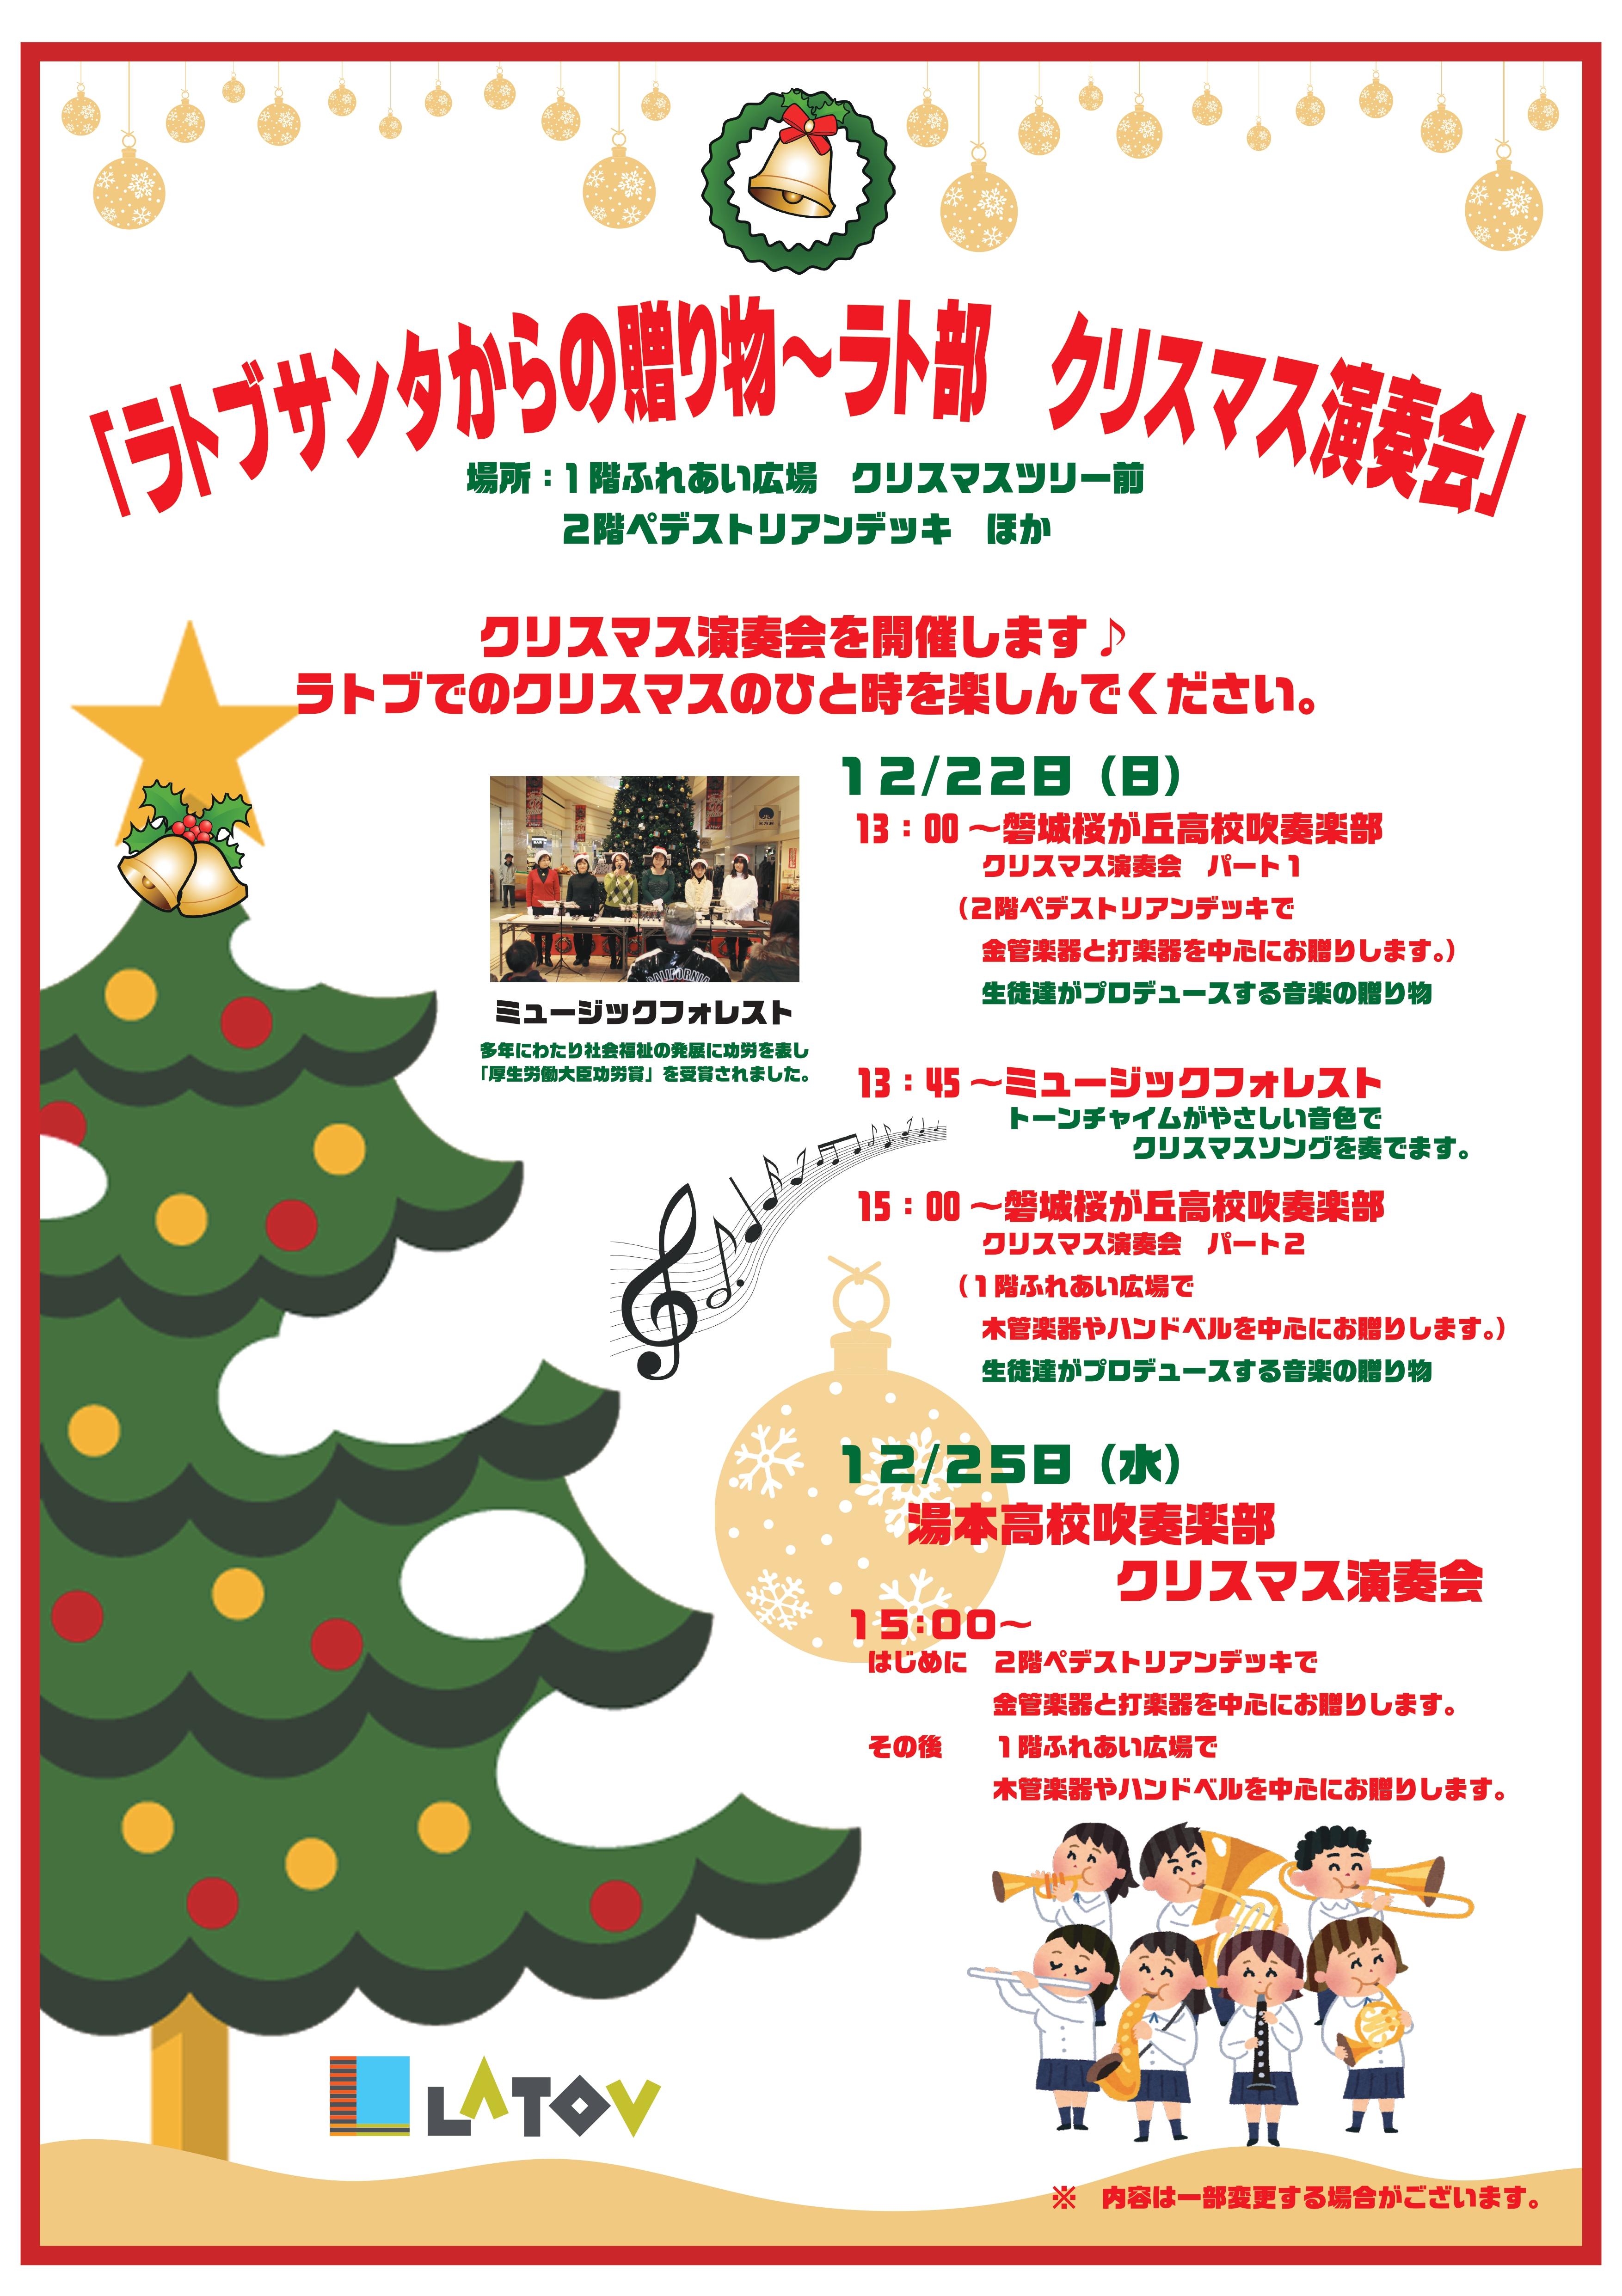 ★ラトブサンタからの贈り物~ラト部 クリスマス演奏会★【12/22・25】